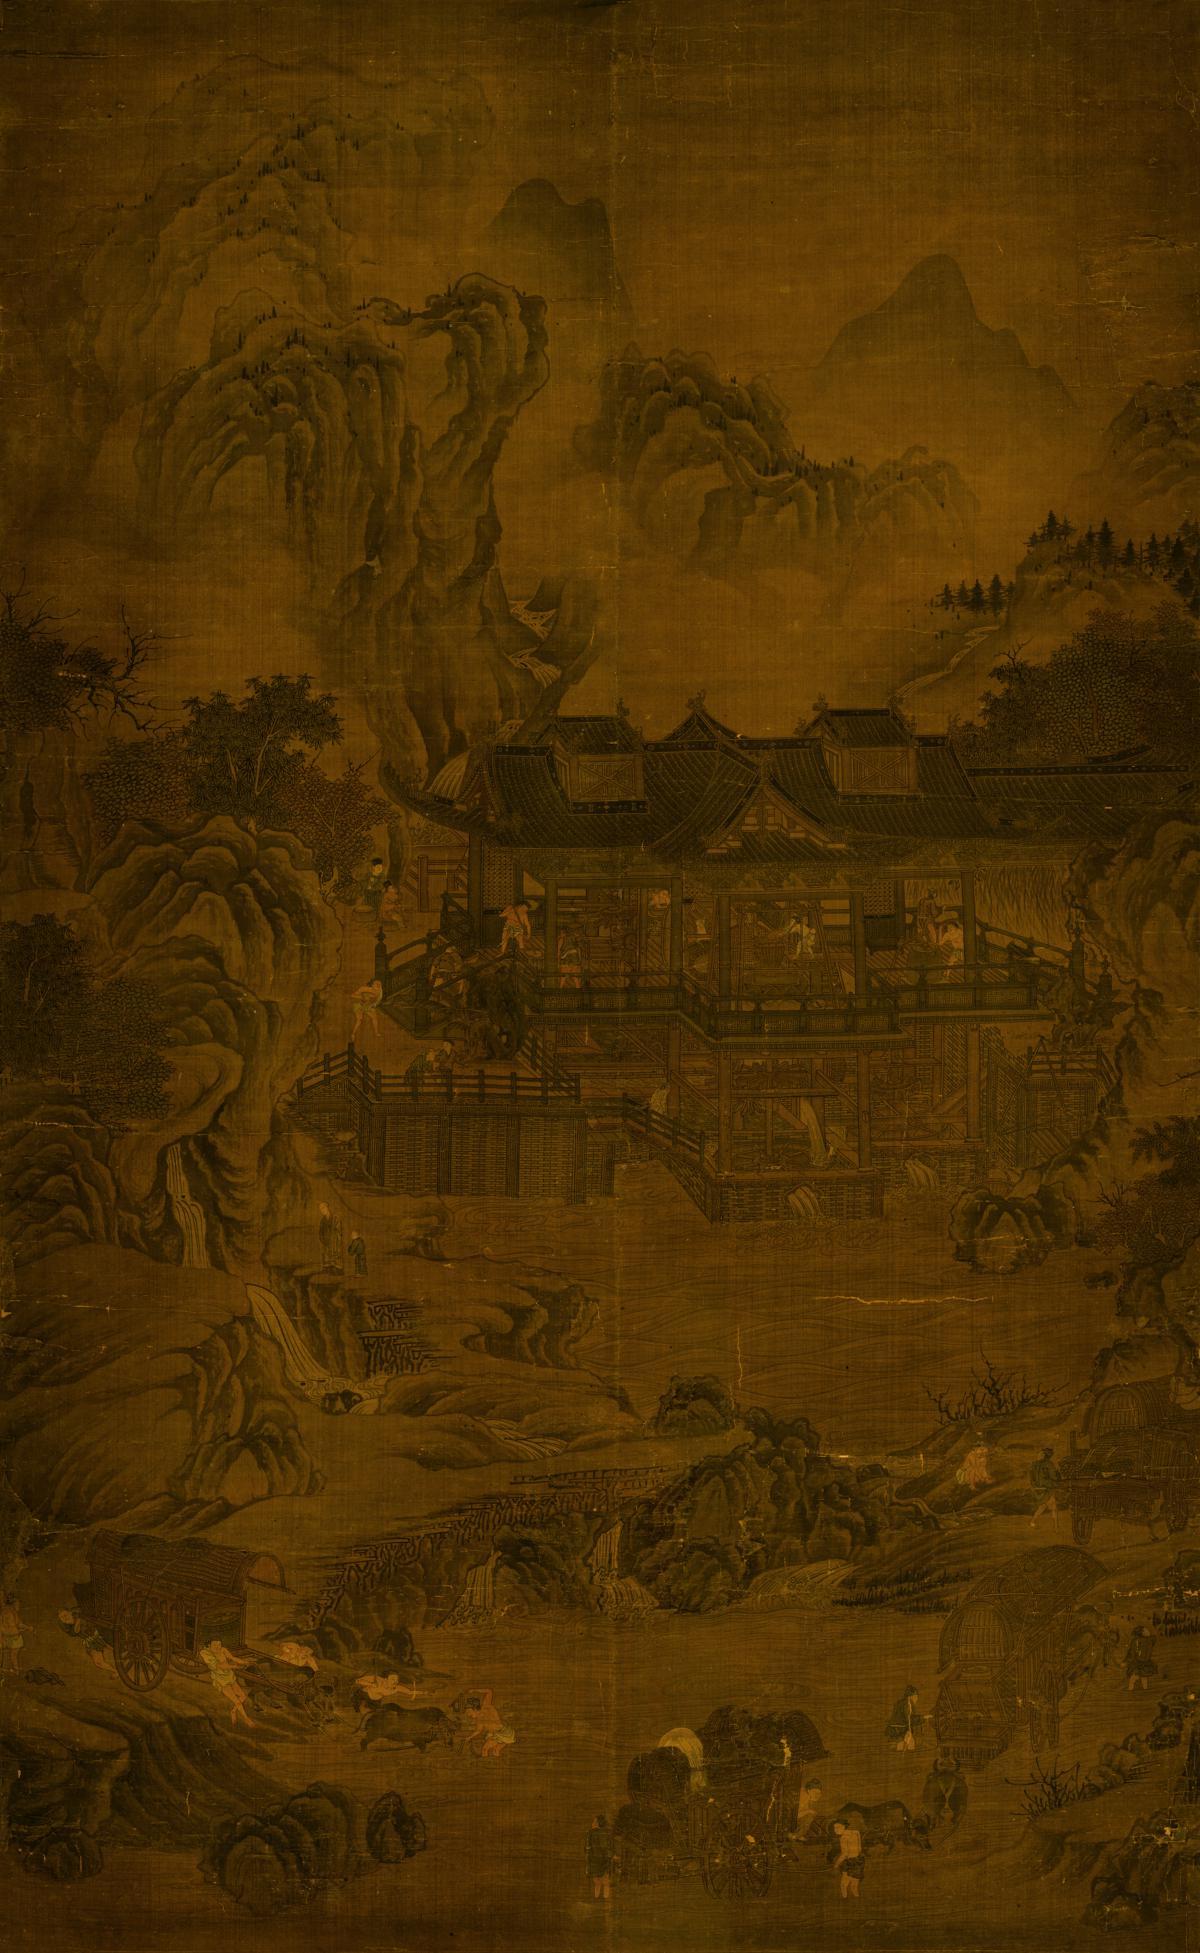 辽024-元 佚名 山溪水磨图